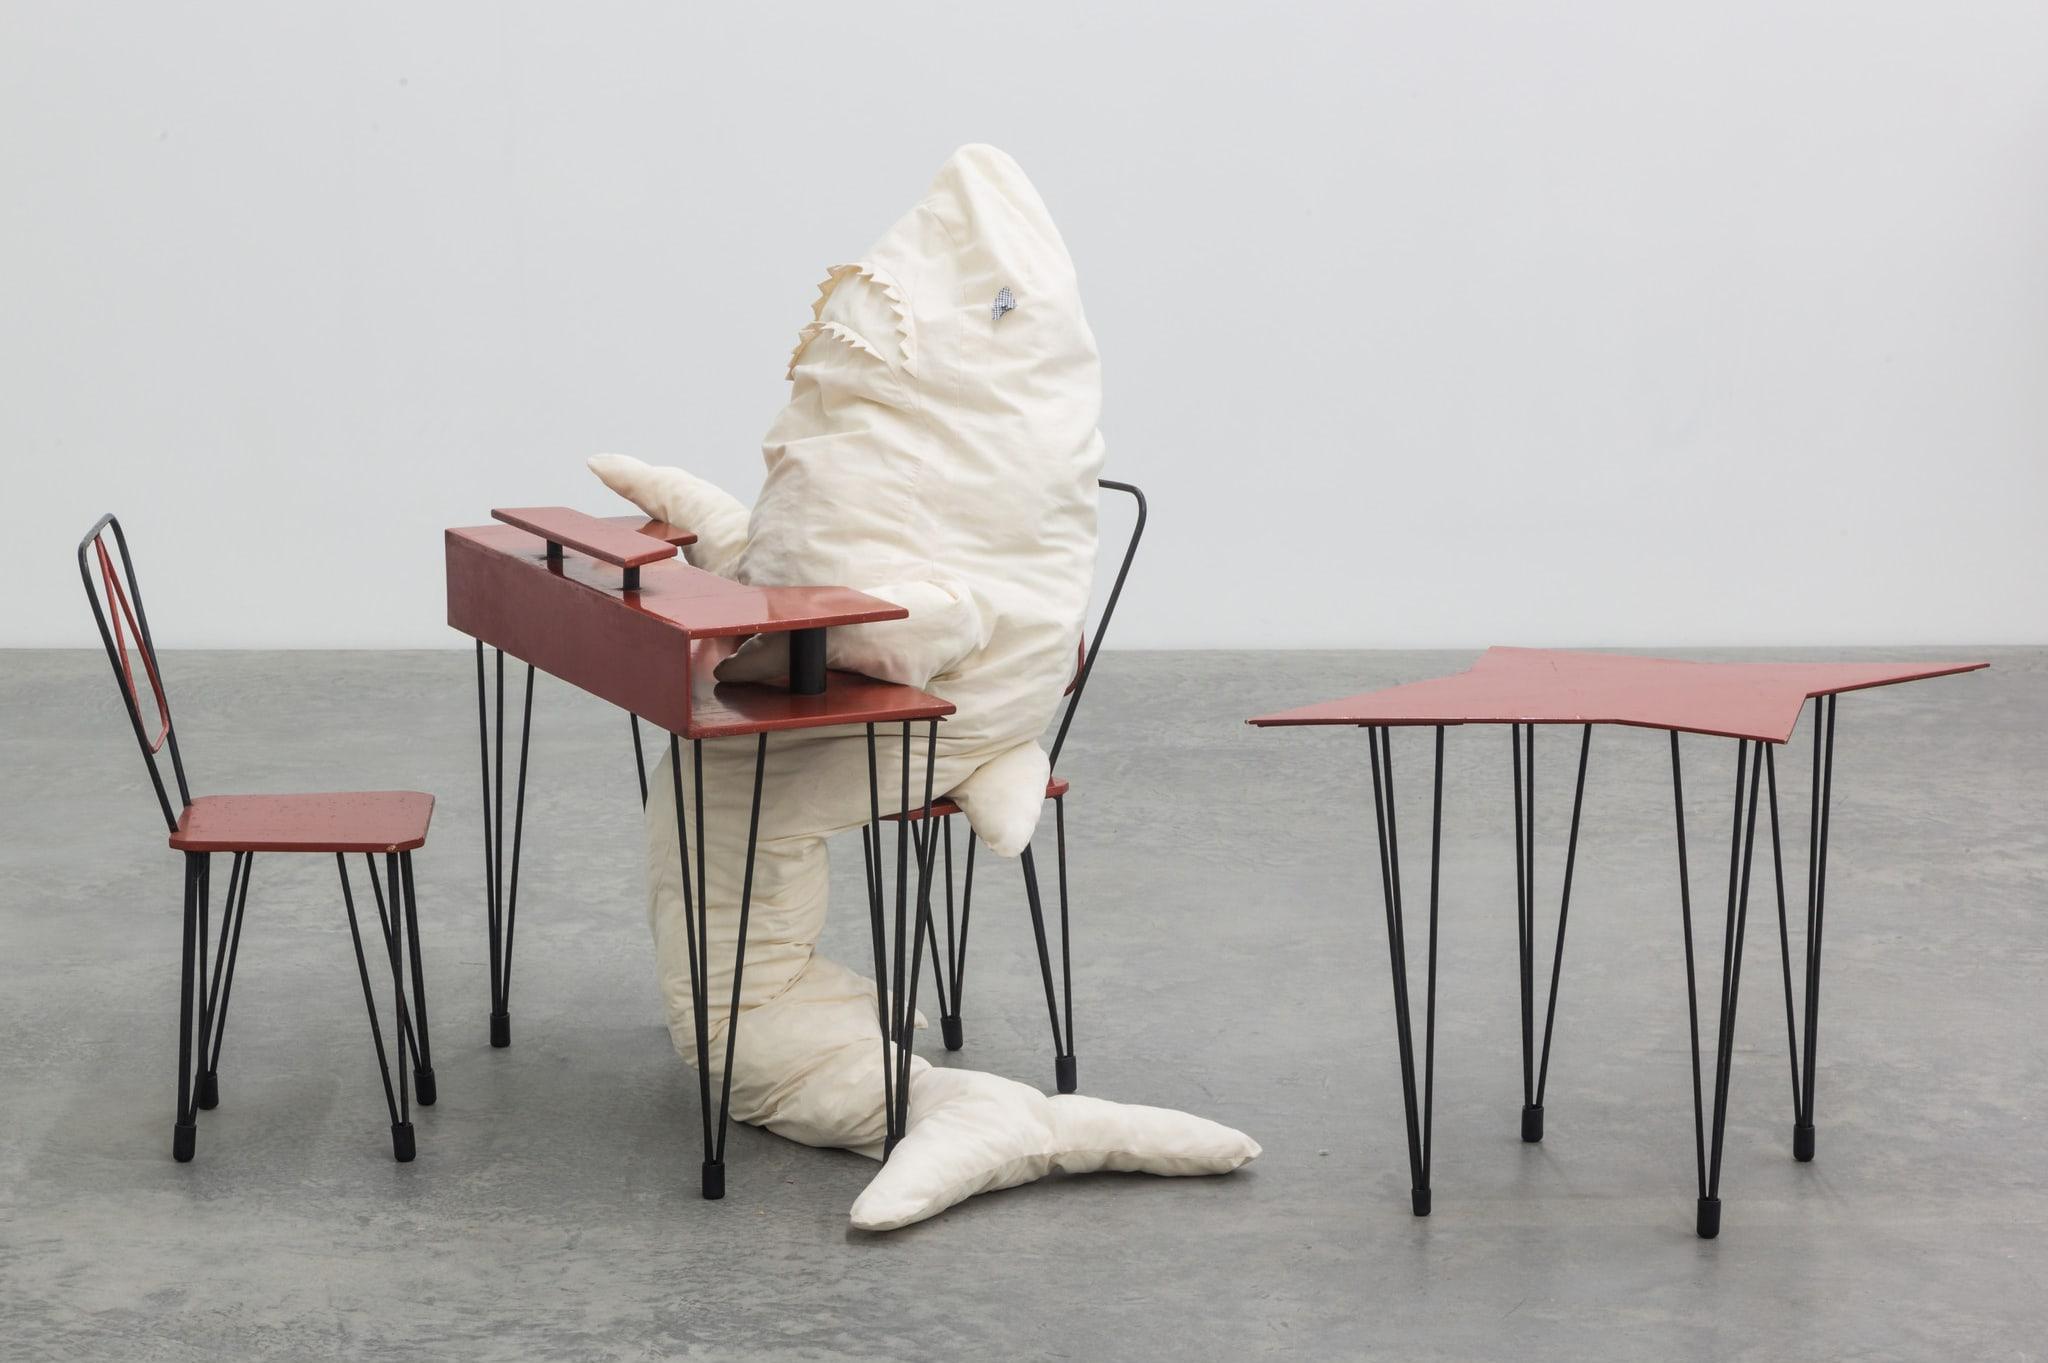 HAI AM TISCH 1 by Cosima von Bonin